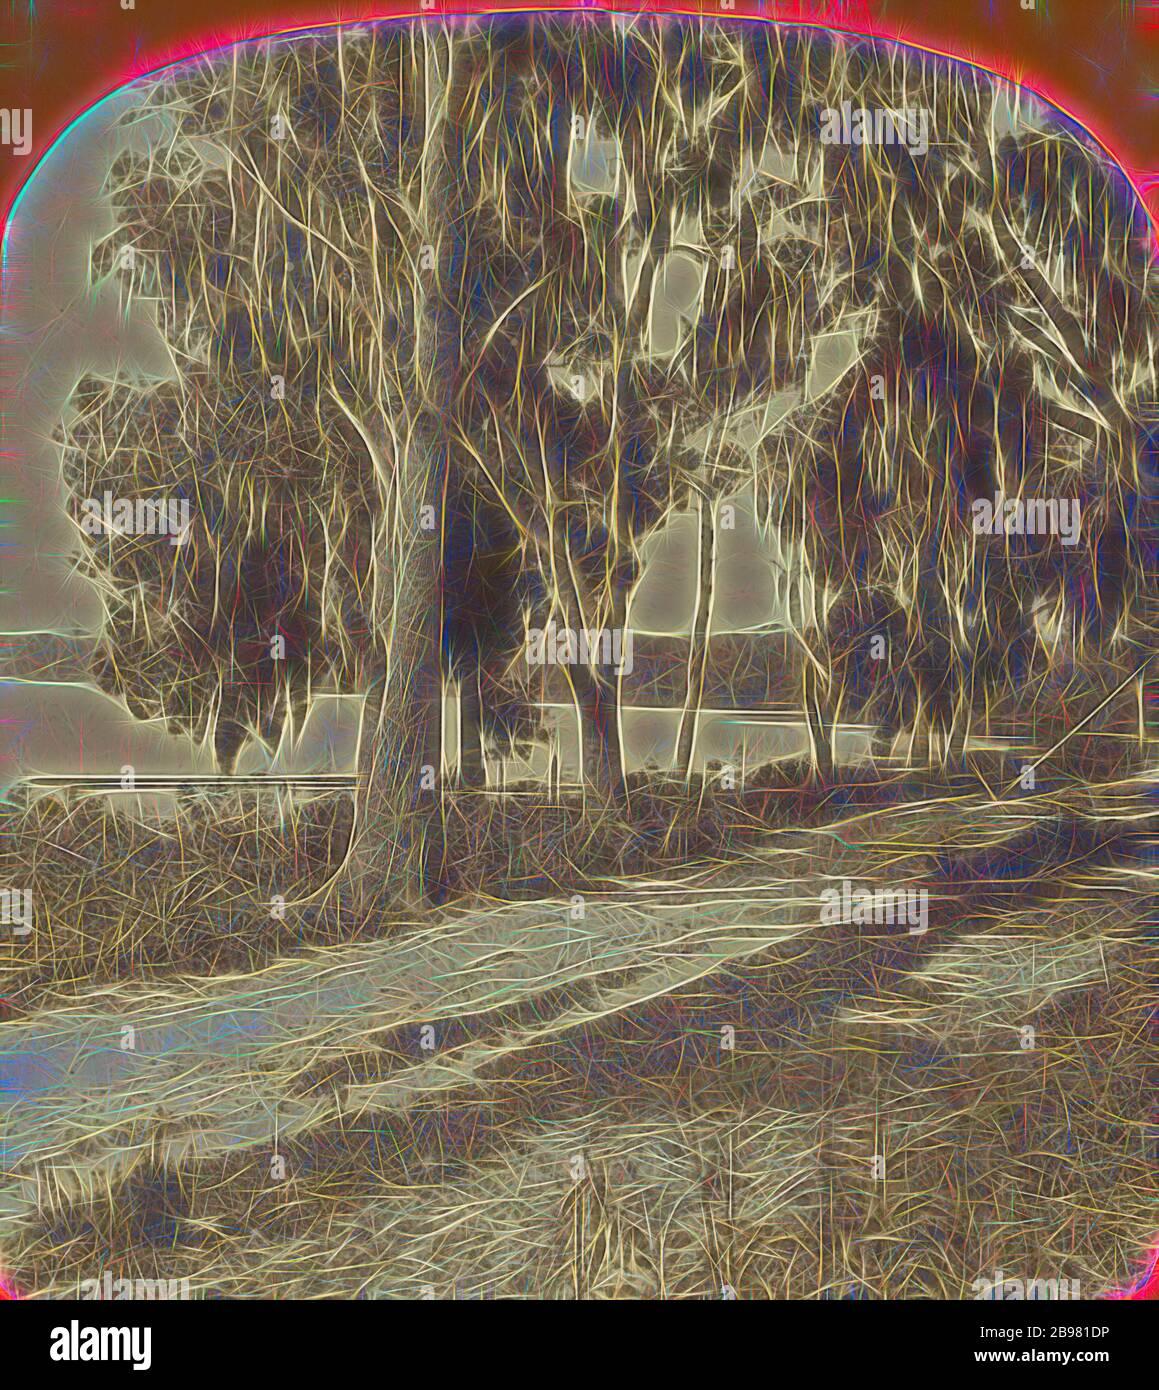 Rivière St. Johns, Palatka., A.D. White (américain, active 1870s), 1870s, imprimé argent par albumine, repensé par Gibon, conception de lumière chaude et gaie rayonnant de la luminosité et de rayons de lumière radiance. L'art classique réinventé avec une touche moderne. Photographie inspirée par le futurisme, embrassant l'énergie dynamique de la technologie moderne, le mouvement, la vitesse et révolutionnez la culture. Banque D'Images